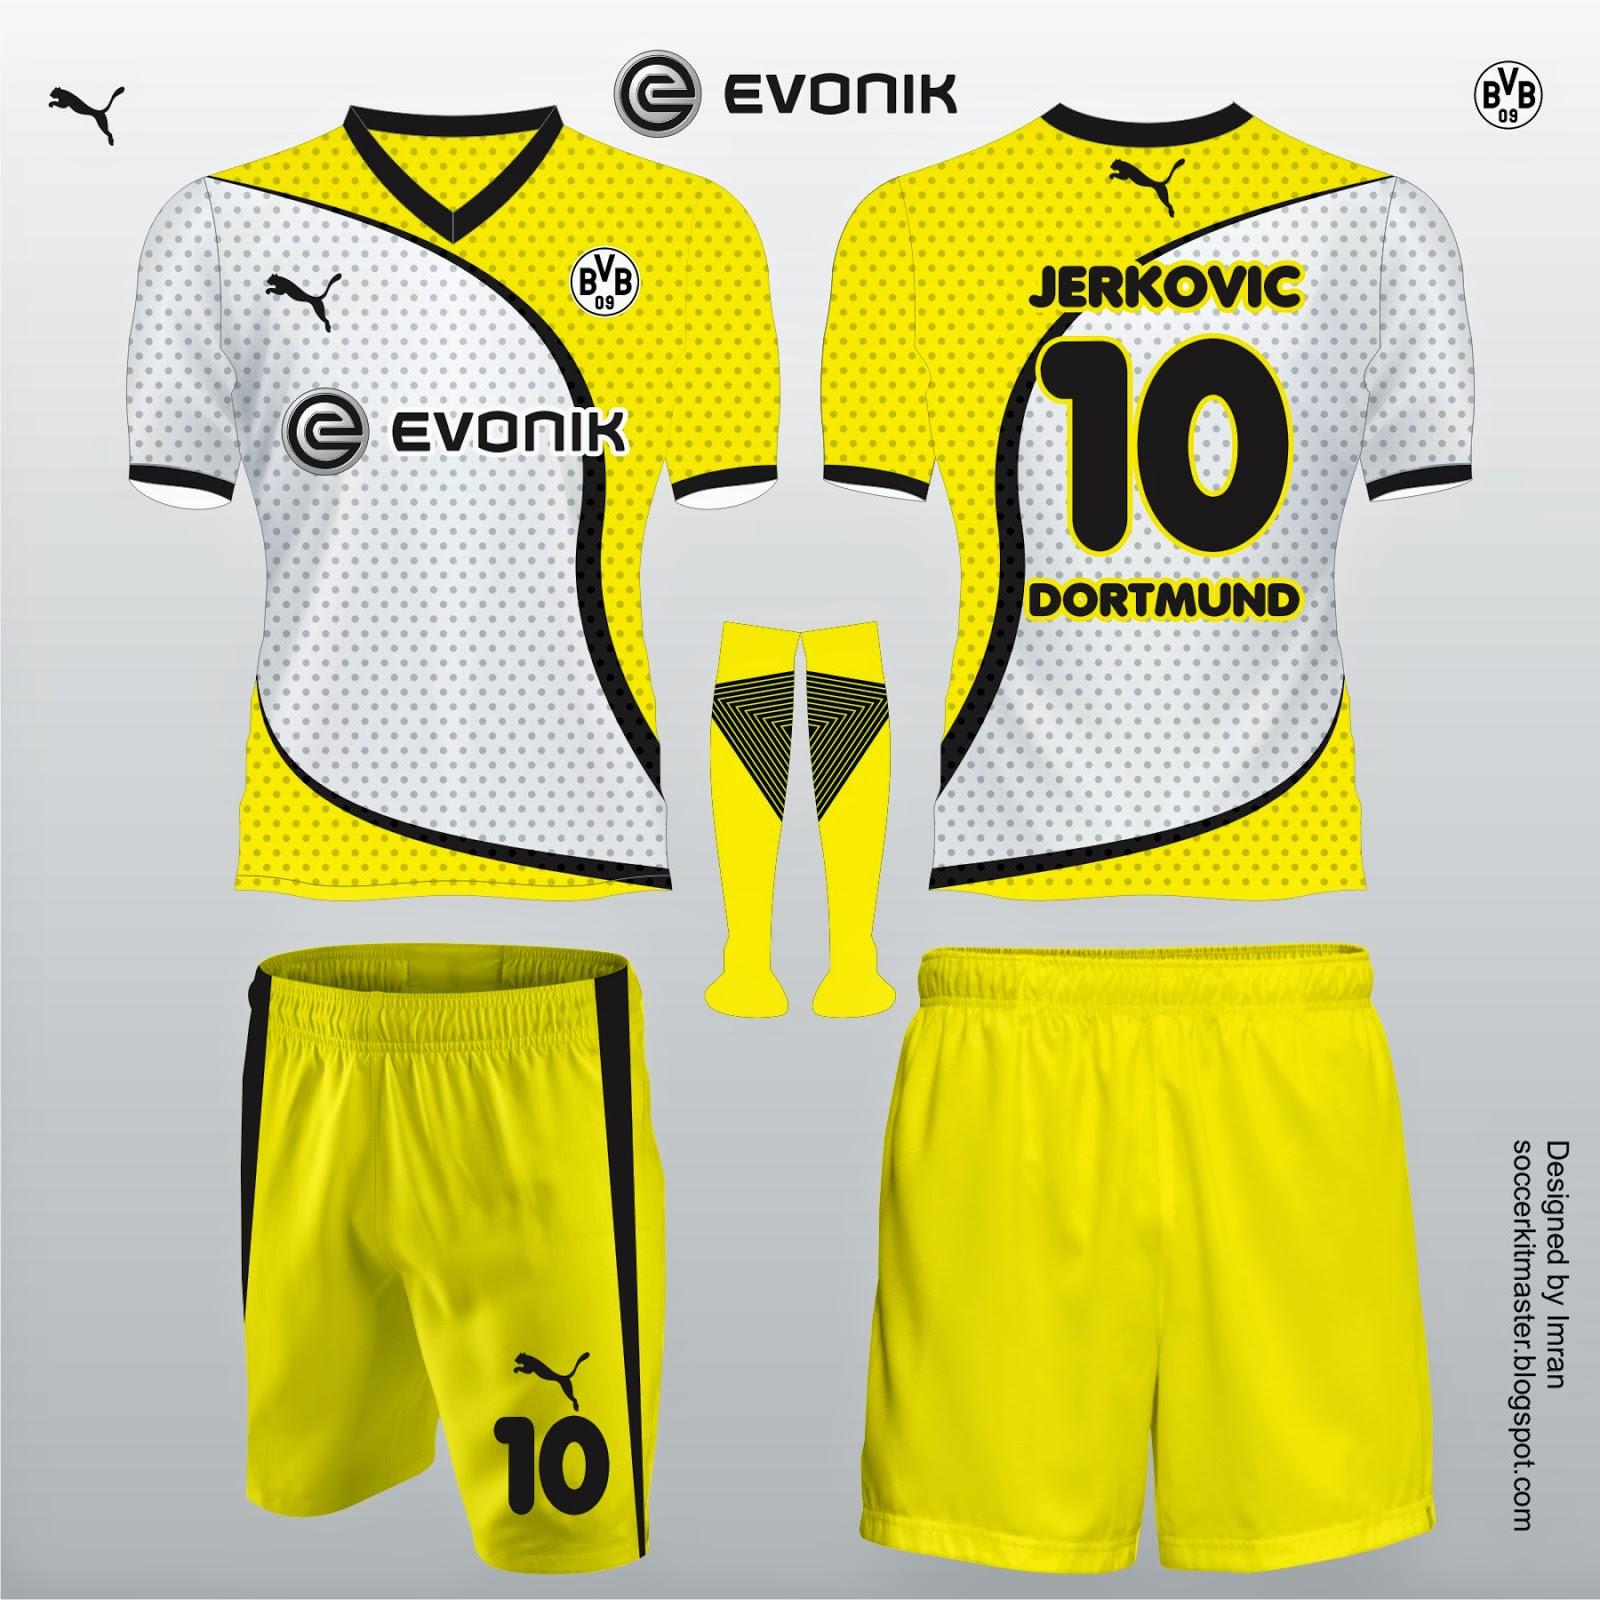 Football Kit Design Master New Evonik Football Kit Designs